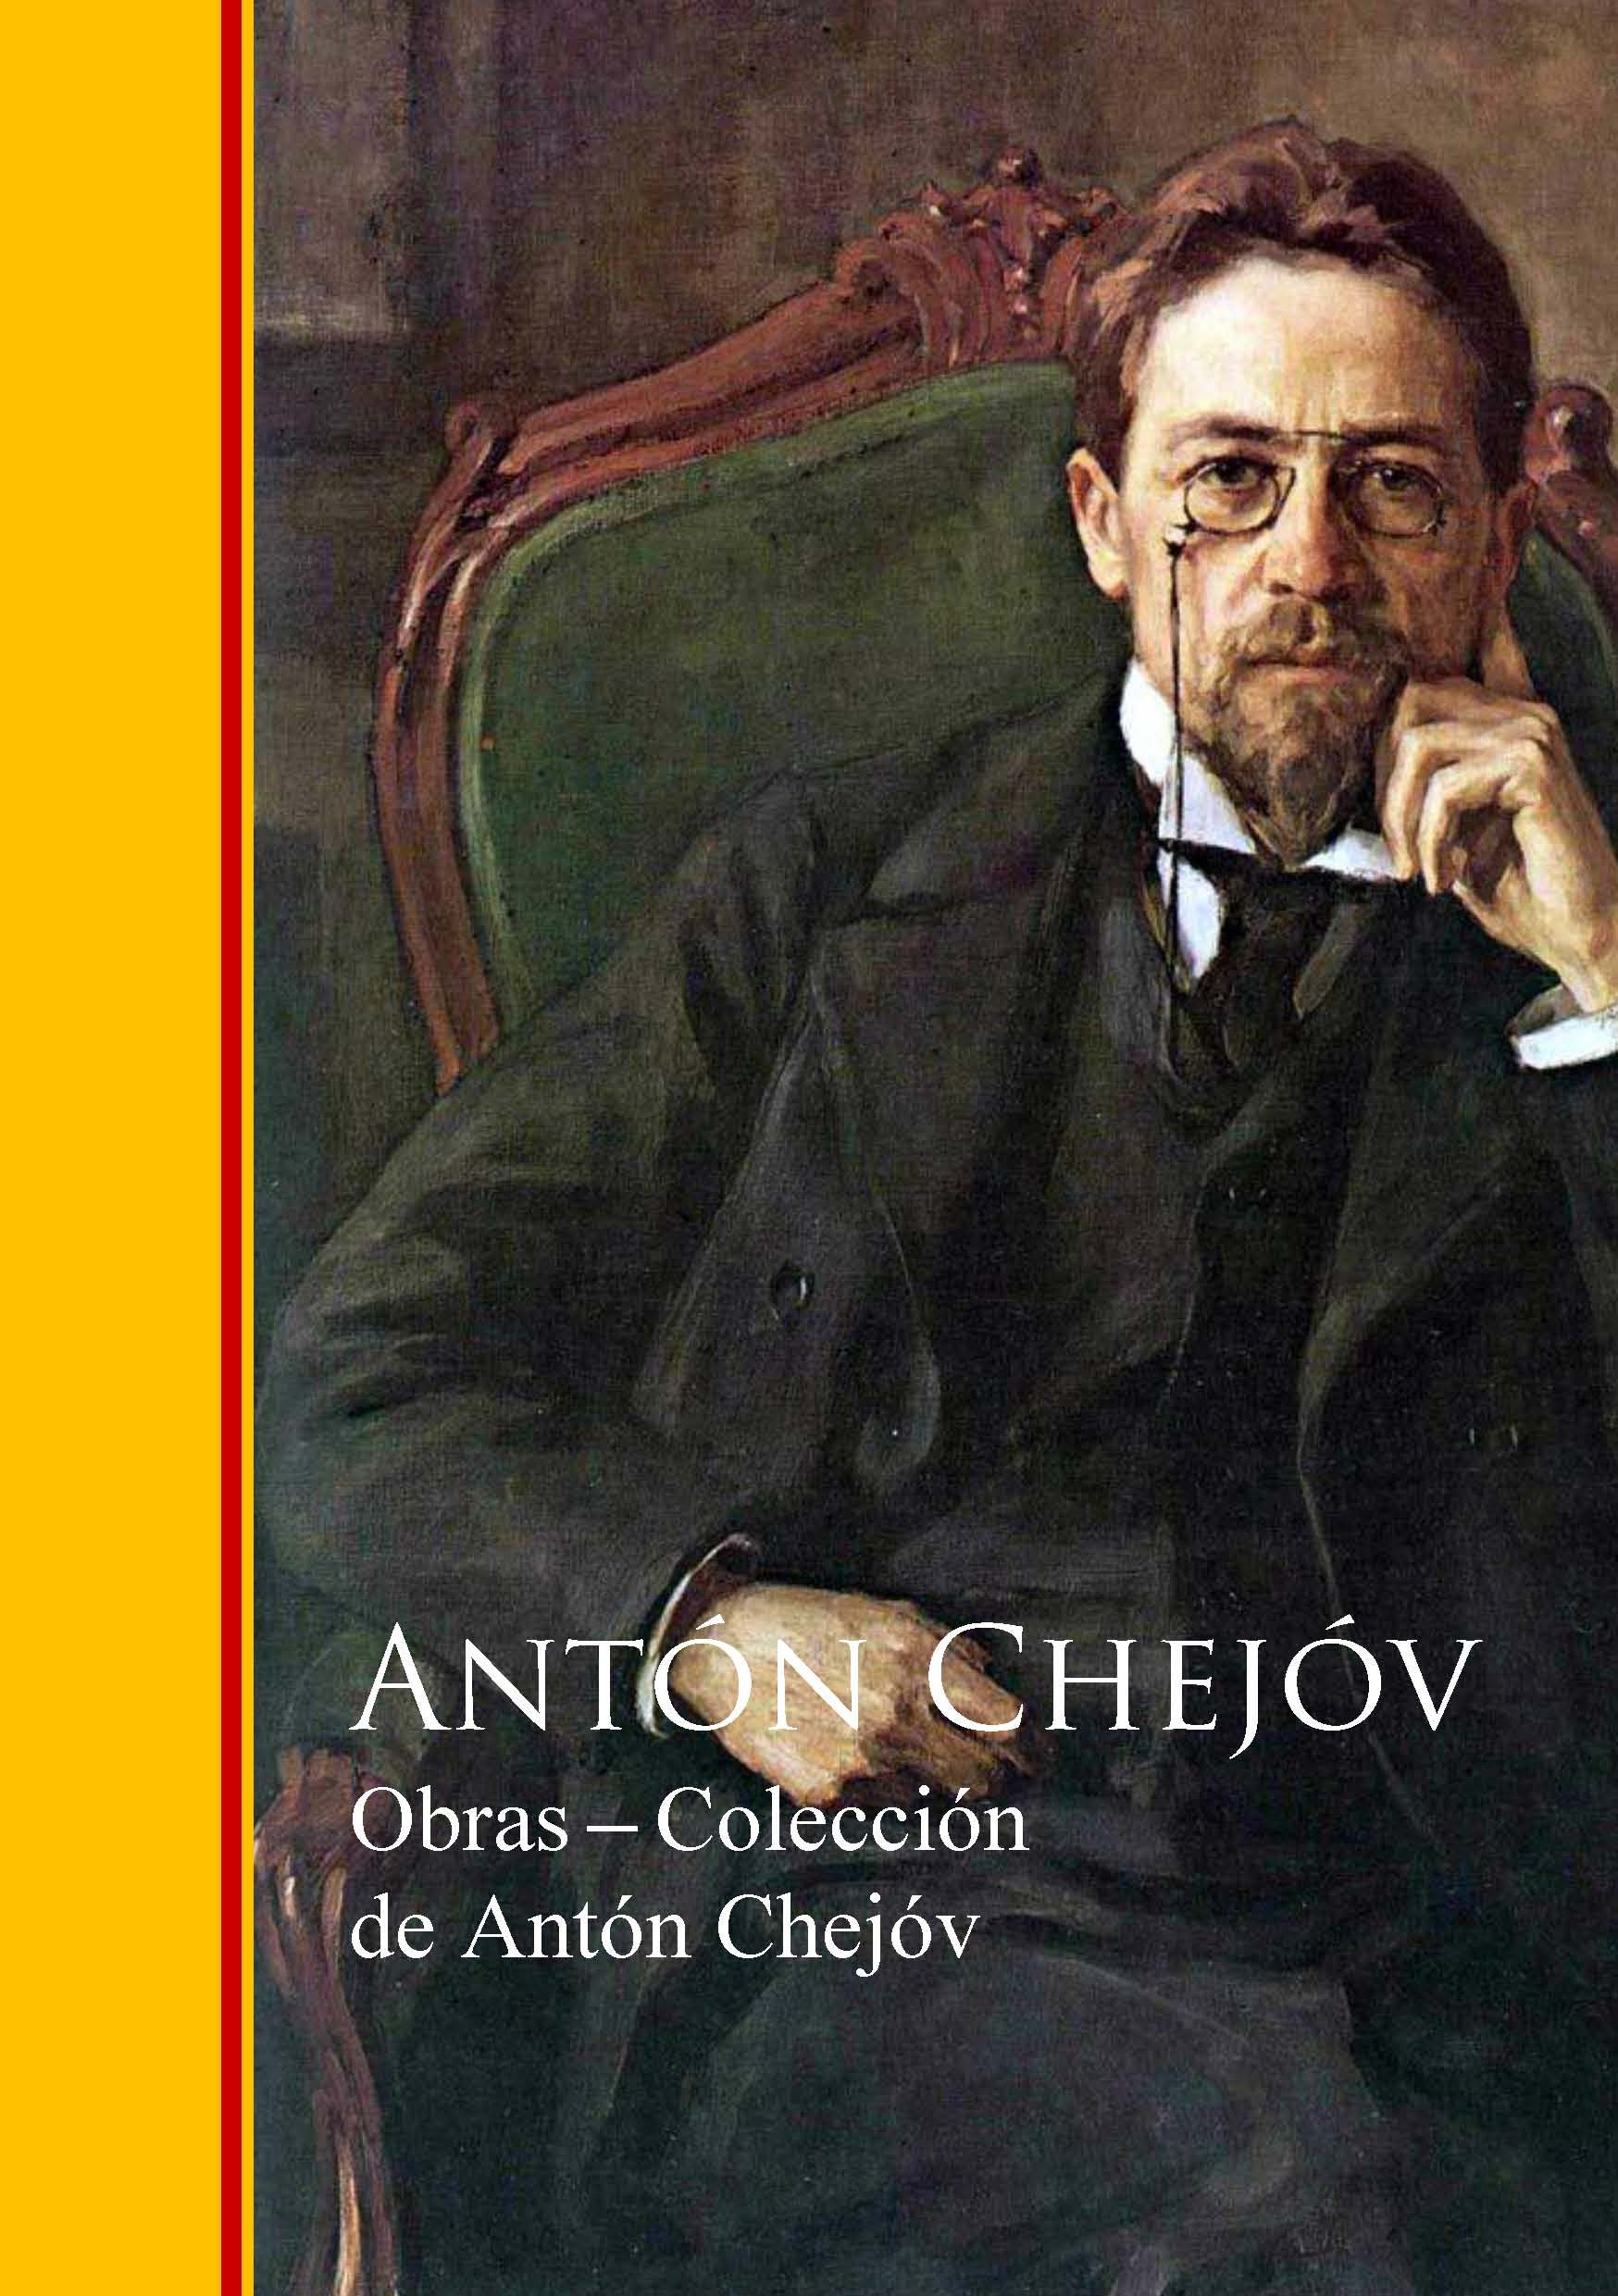 Obras ? Colección de Antón Chejóv: Biblioteca de Grandes Escritores - Obras Completas